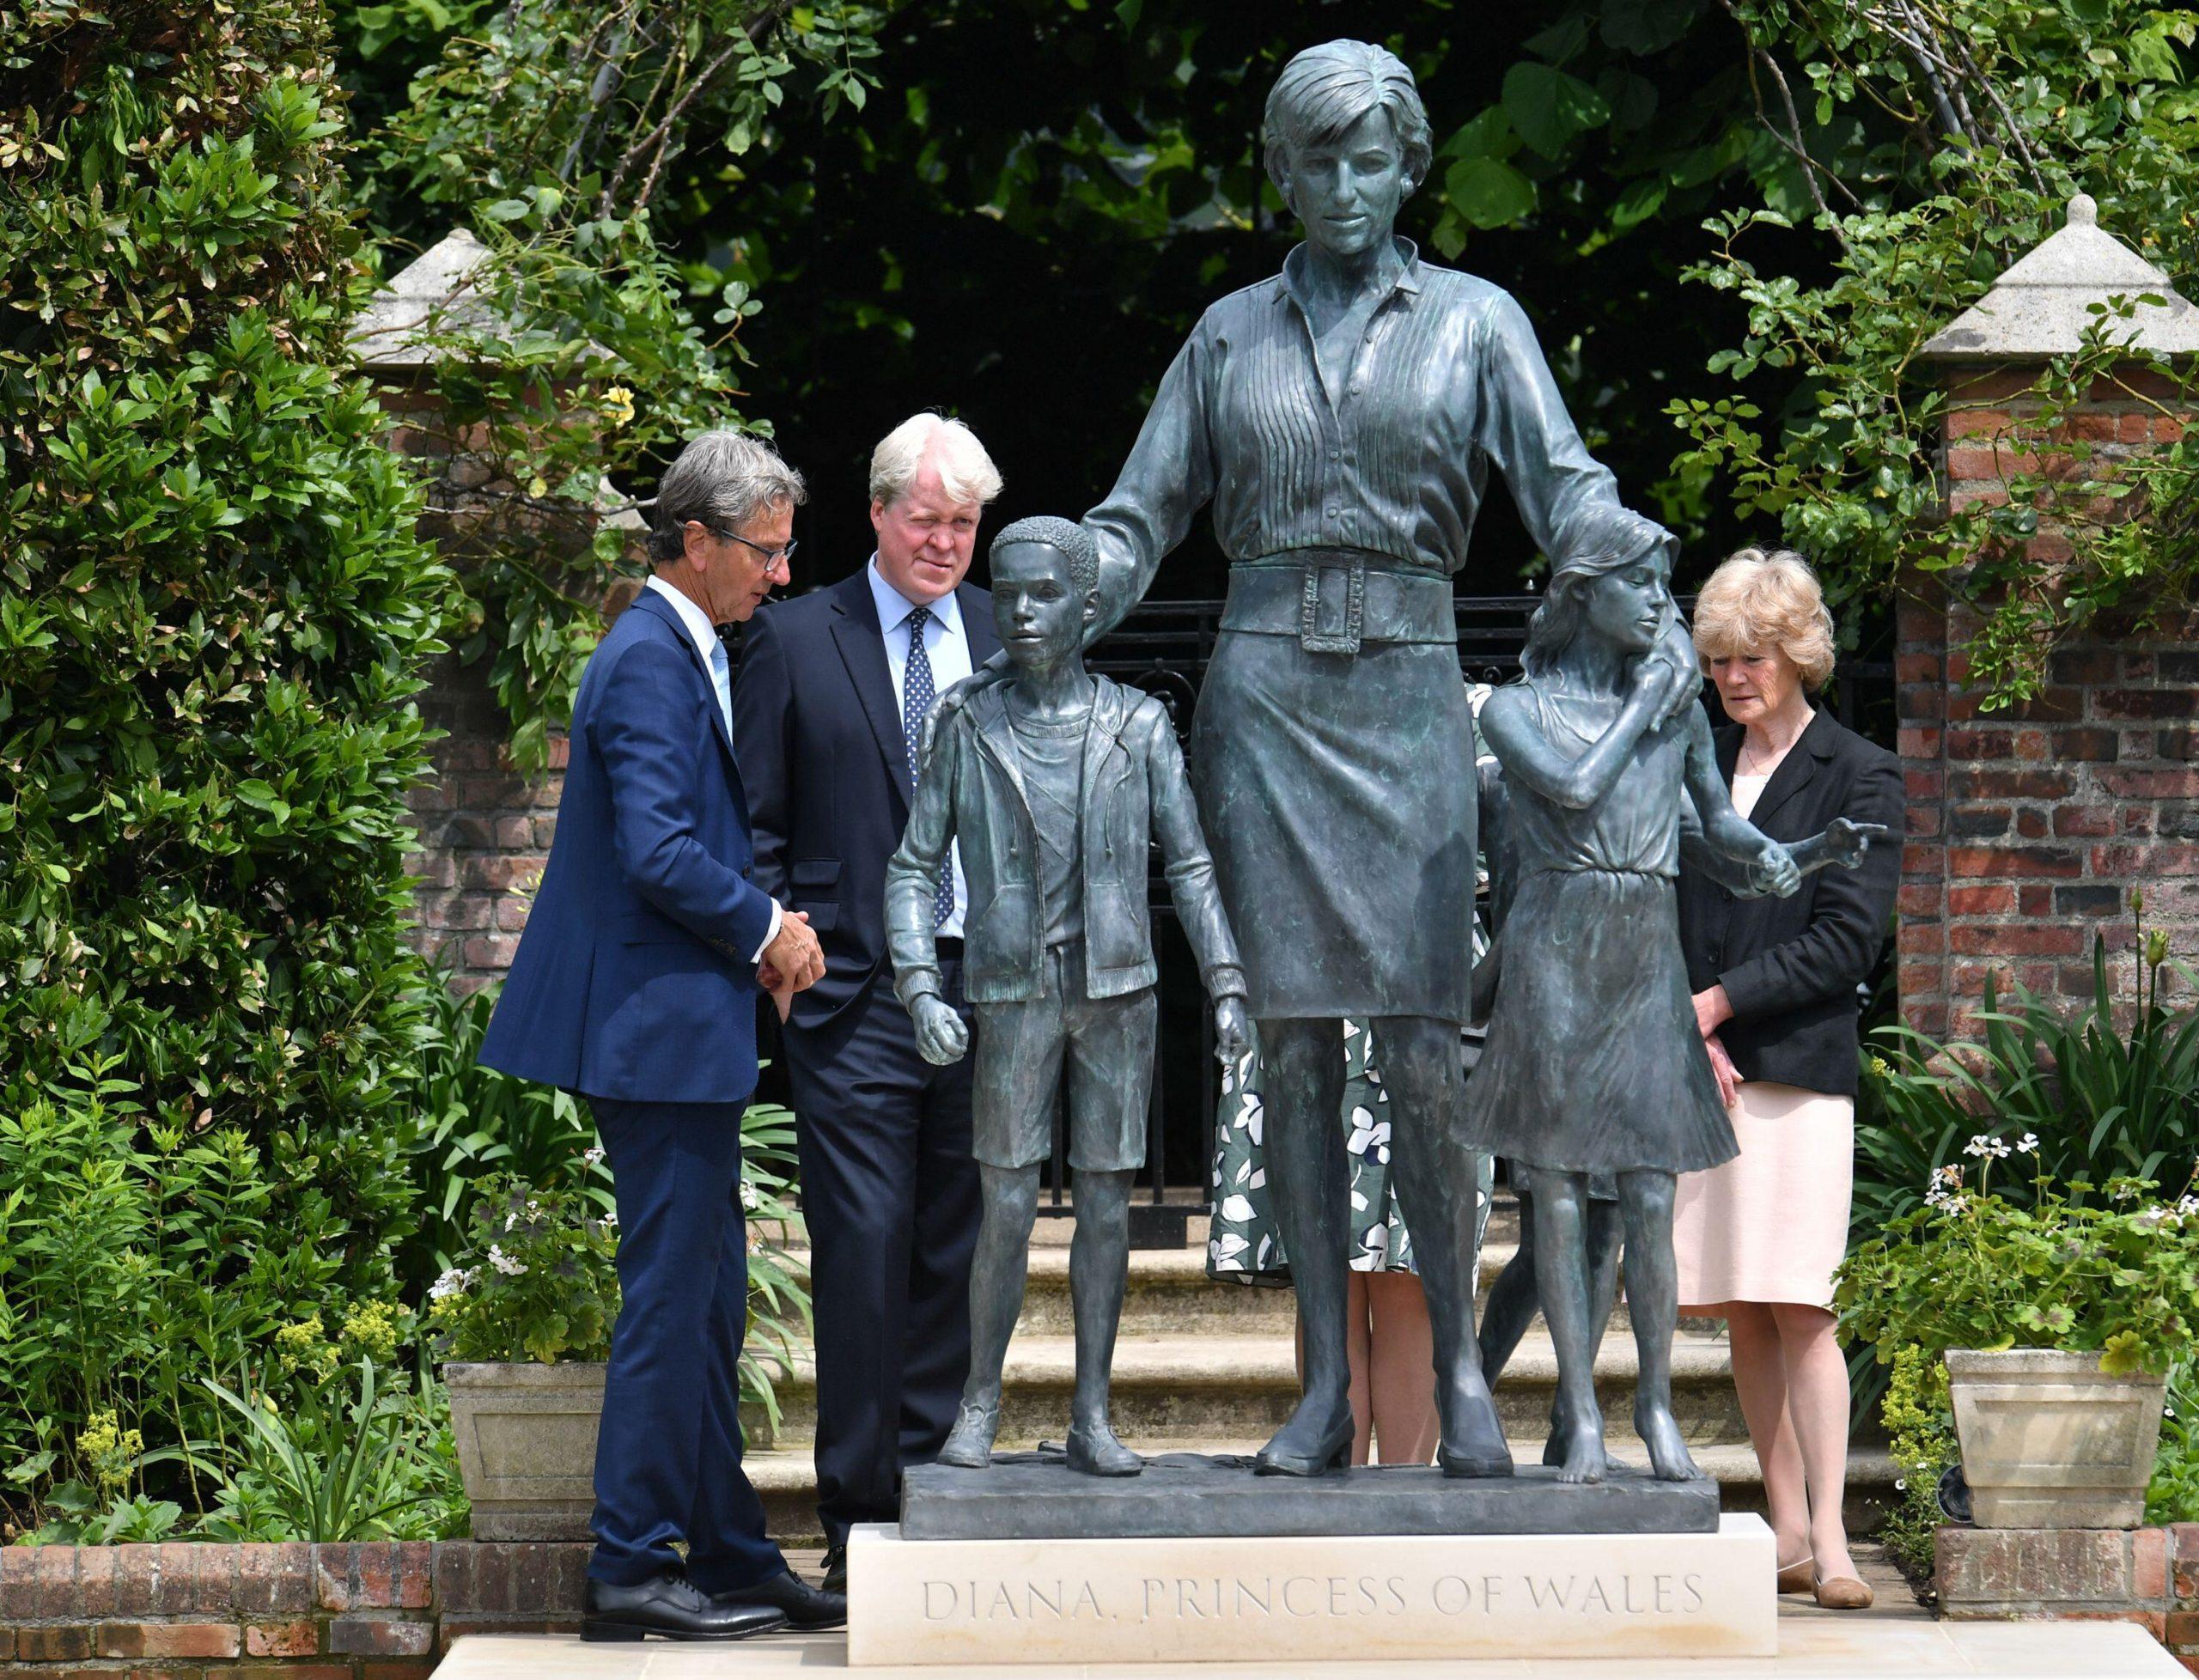 Le sculpteur Ian Rank-Broadley, le comte Spencer et Lady Sarah McCorquodale étaient présents lors de l'inauguration de la statue aux côtés du prince Harry et du prince William.